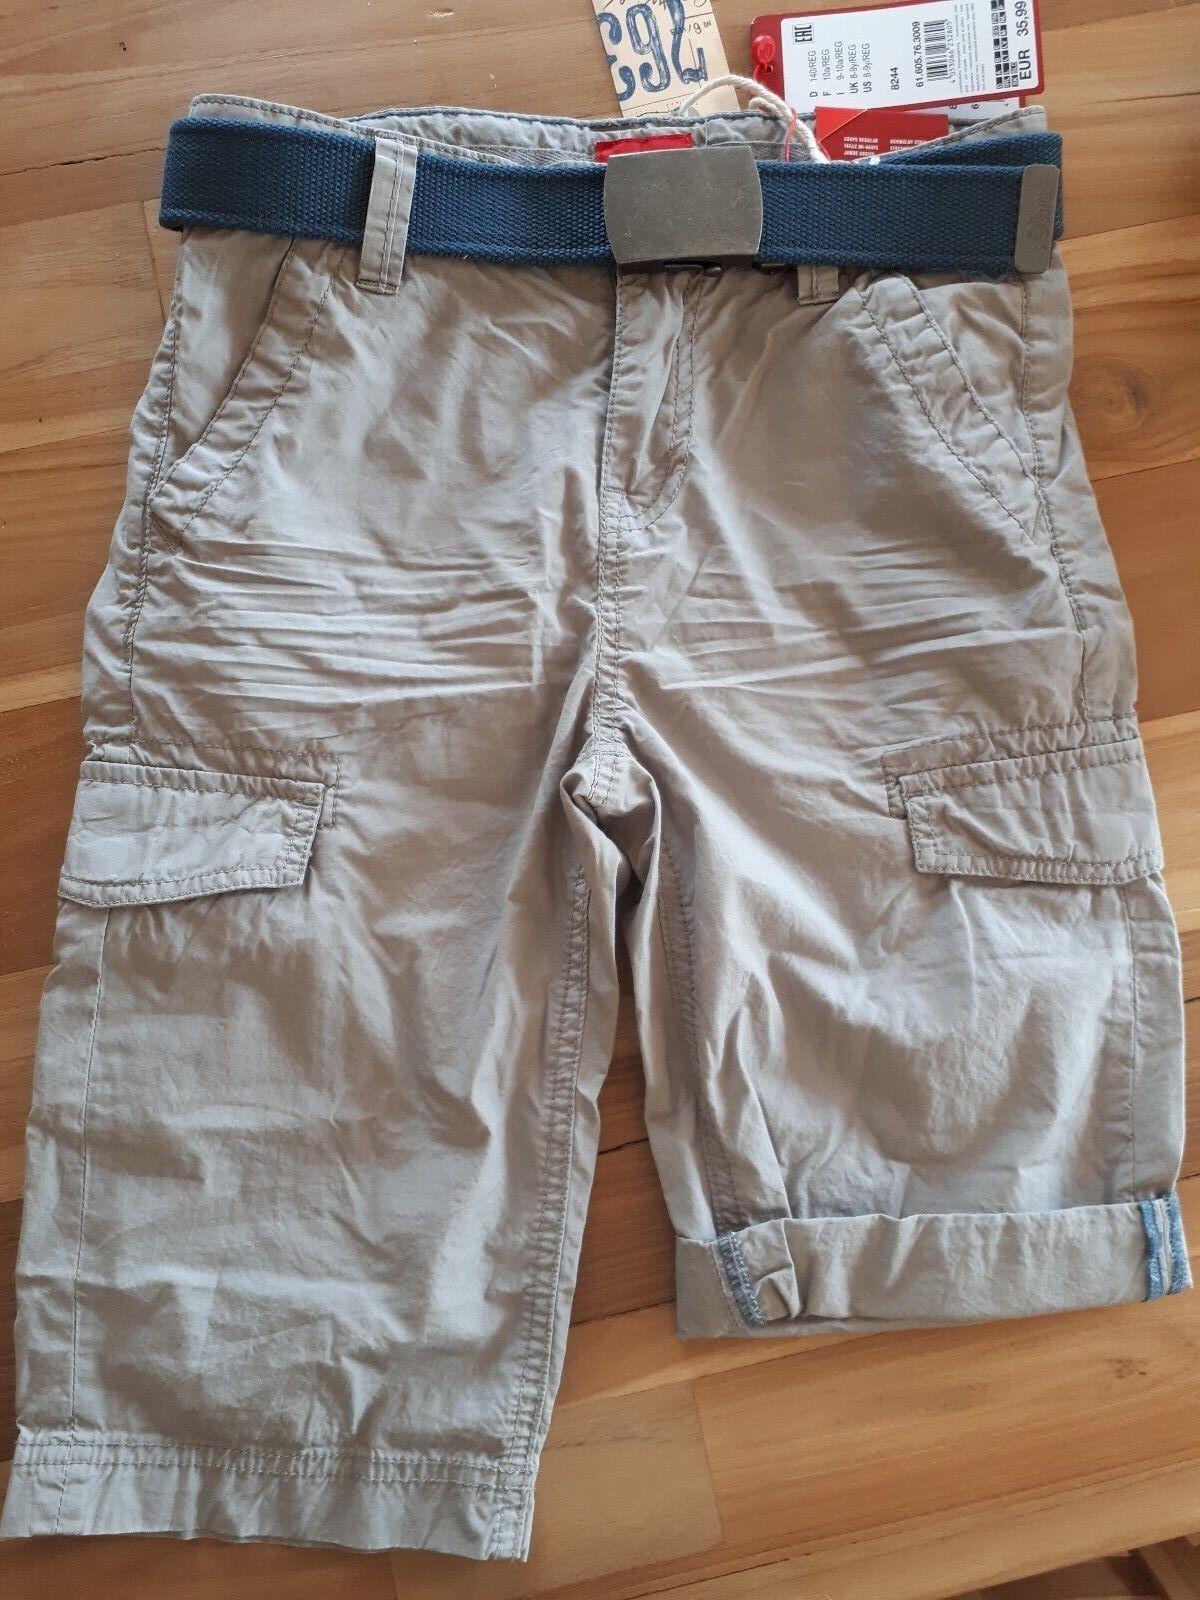 Kurze Jeans s.Oliver 140 Reg. Benno Jungen Neu verstellbarer Bund Short